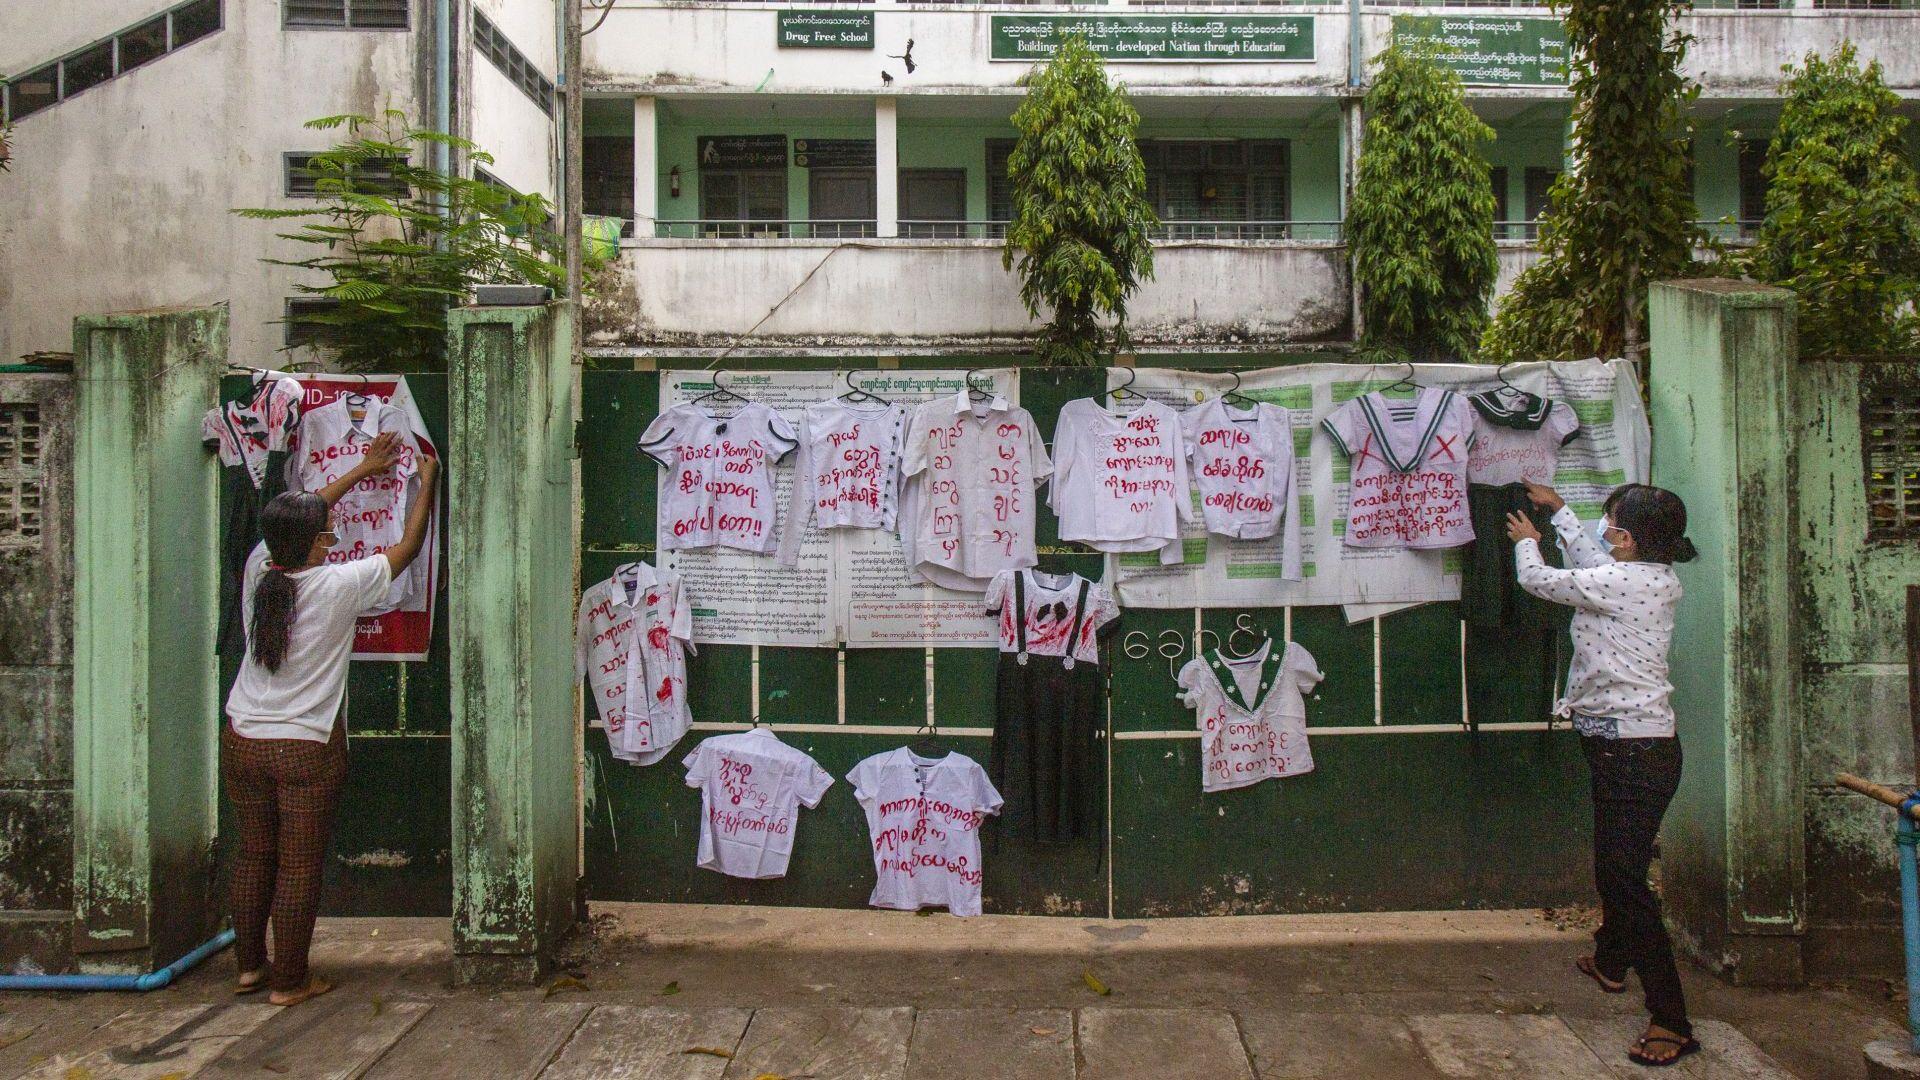 Активисти и протестиращи срещу преврата закачат ученически униформи на стената на училище по време на демонстрация